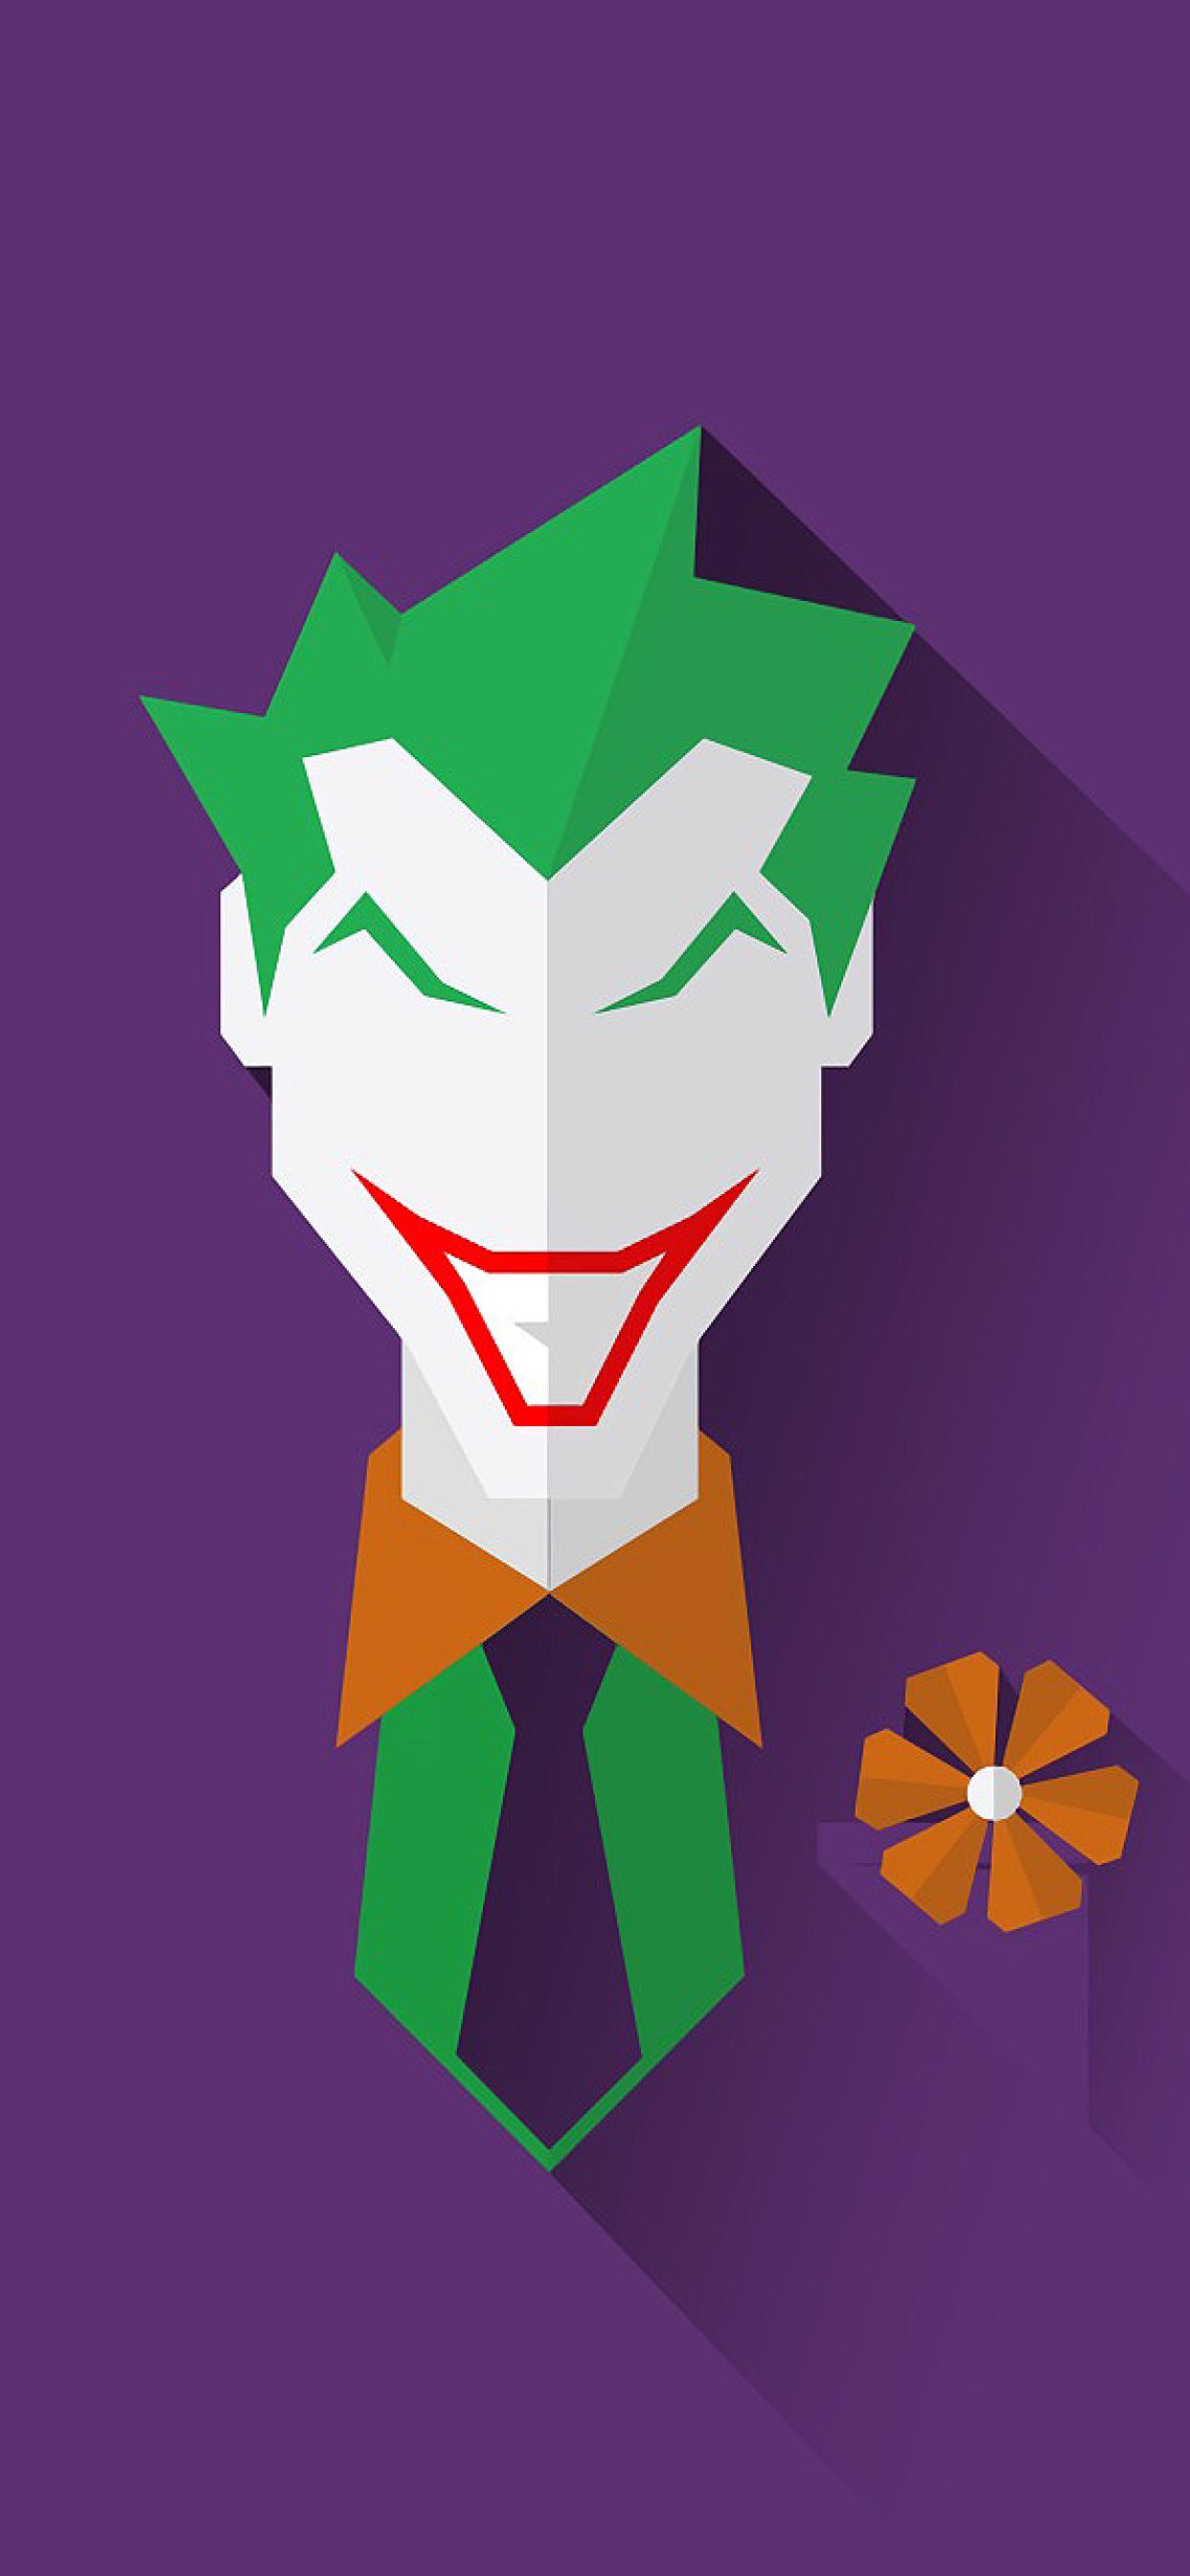 1242x2688 Joker Minimal Iphone Xs Max Wallpaper Hd